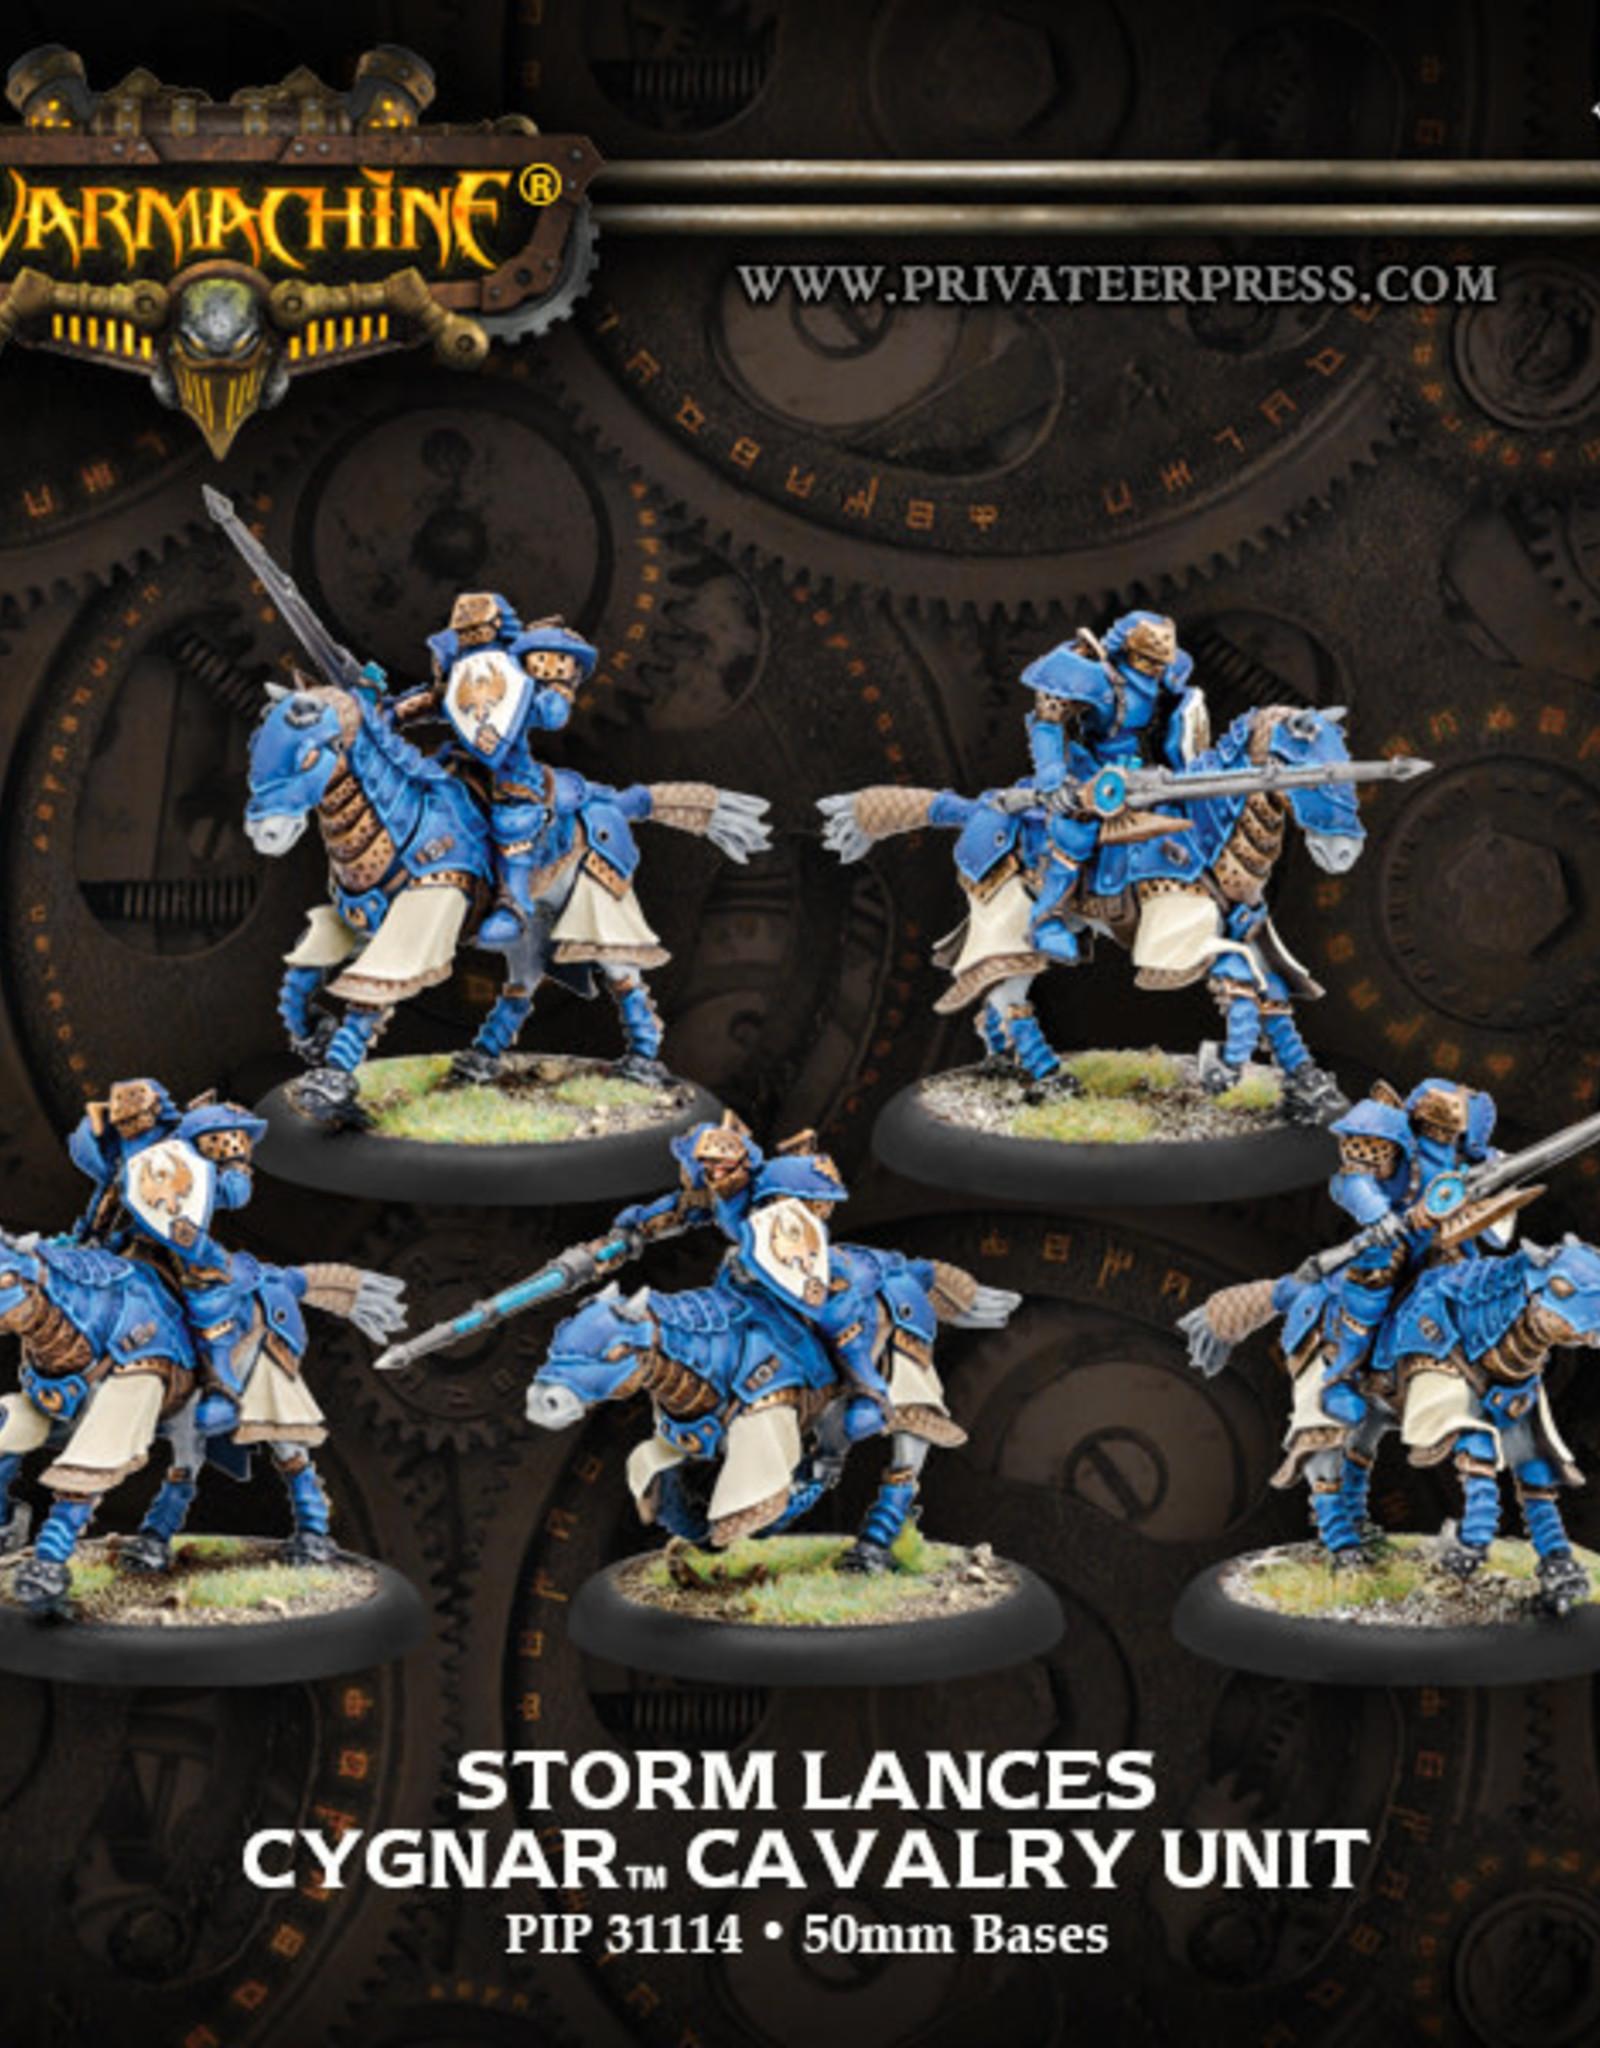 Warmachine Cygnar - Storm Lances